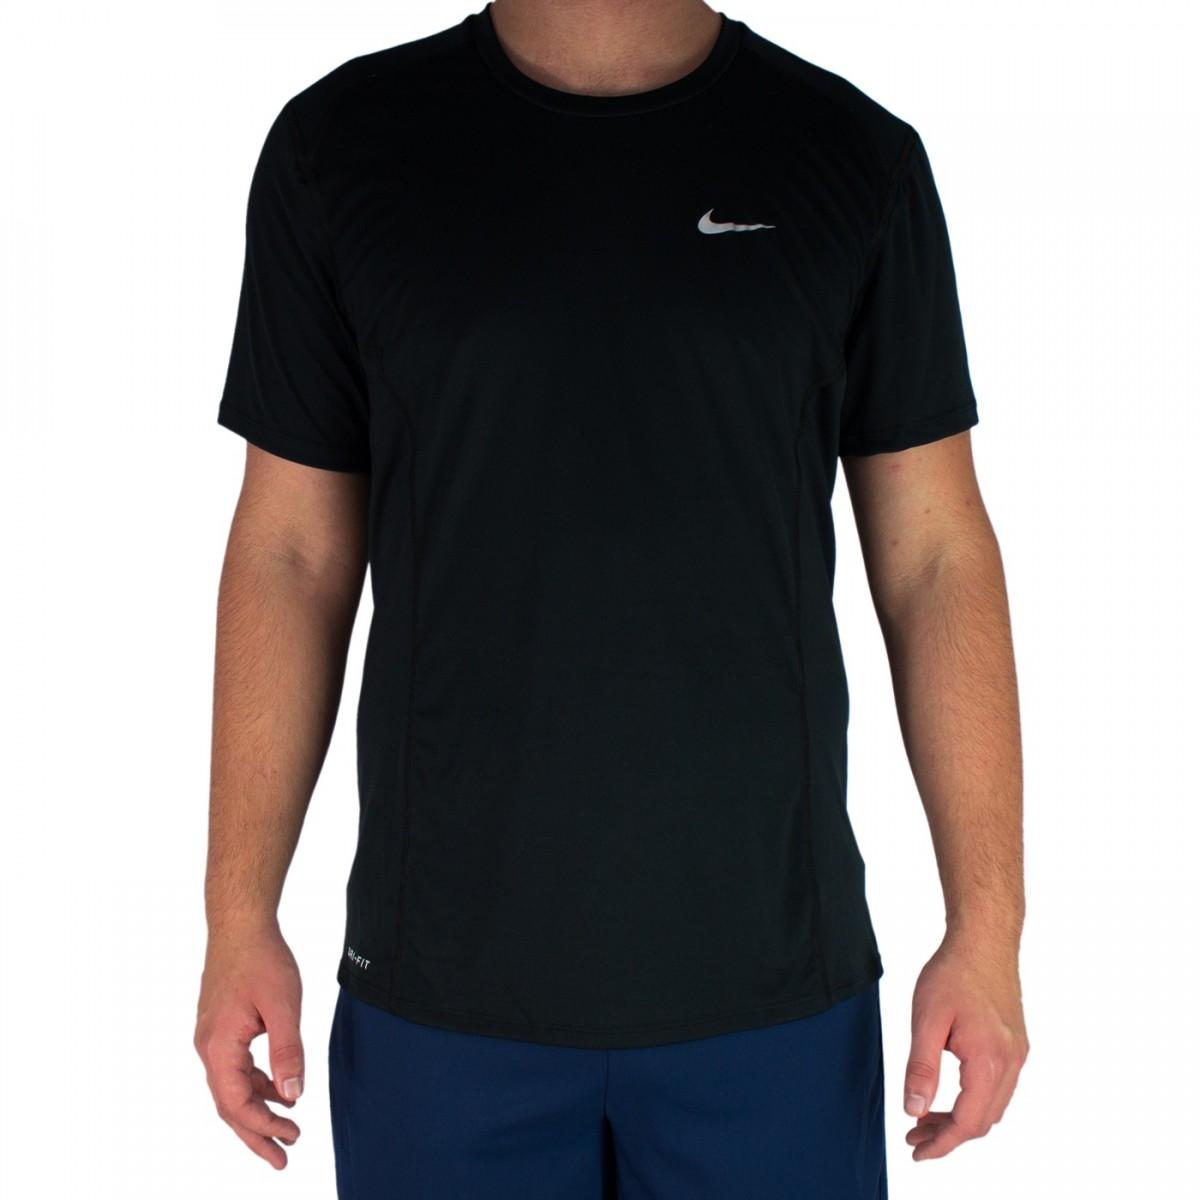 00caef72142d5a Bizz Store - Camiseta Masculina Nike Dri-Fit Gola Redonda